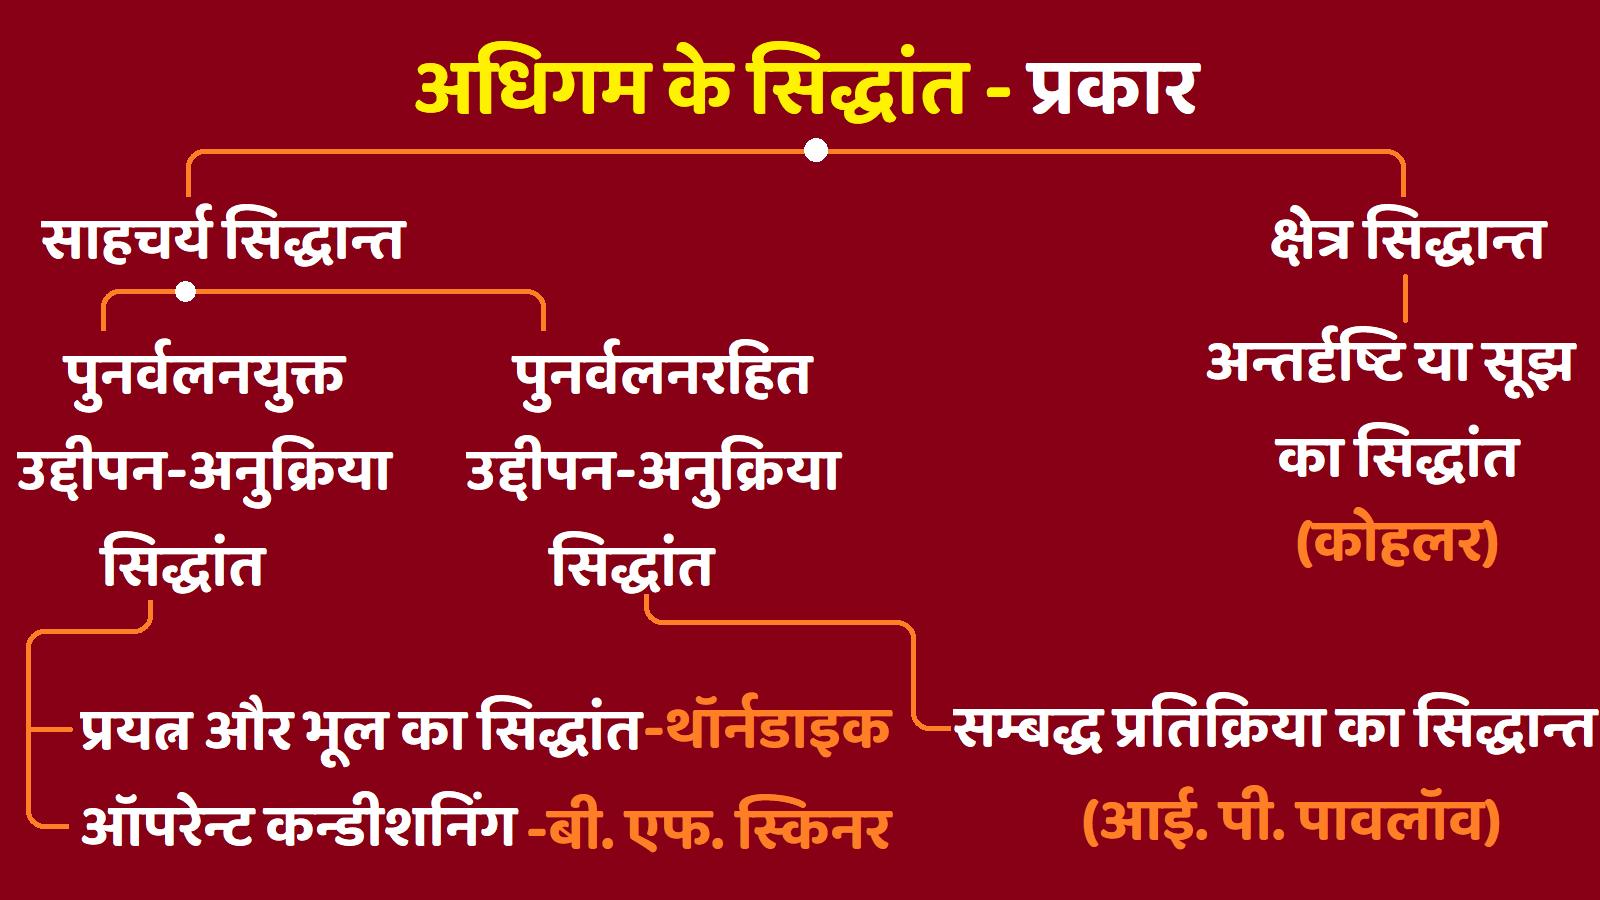 Adhigam Siddhant Ke Prakar or Bhed